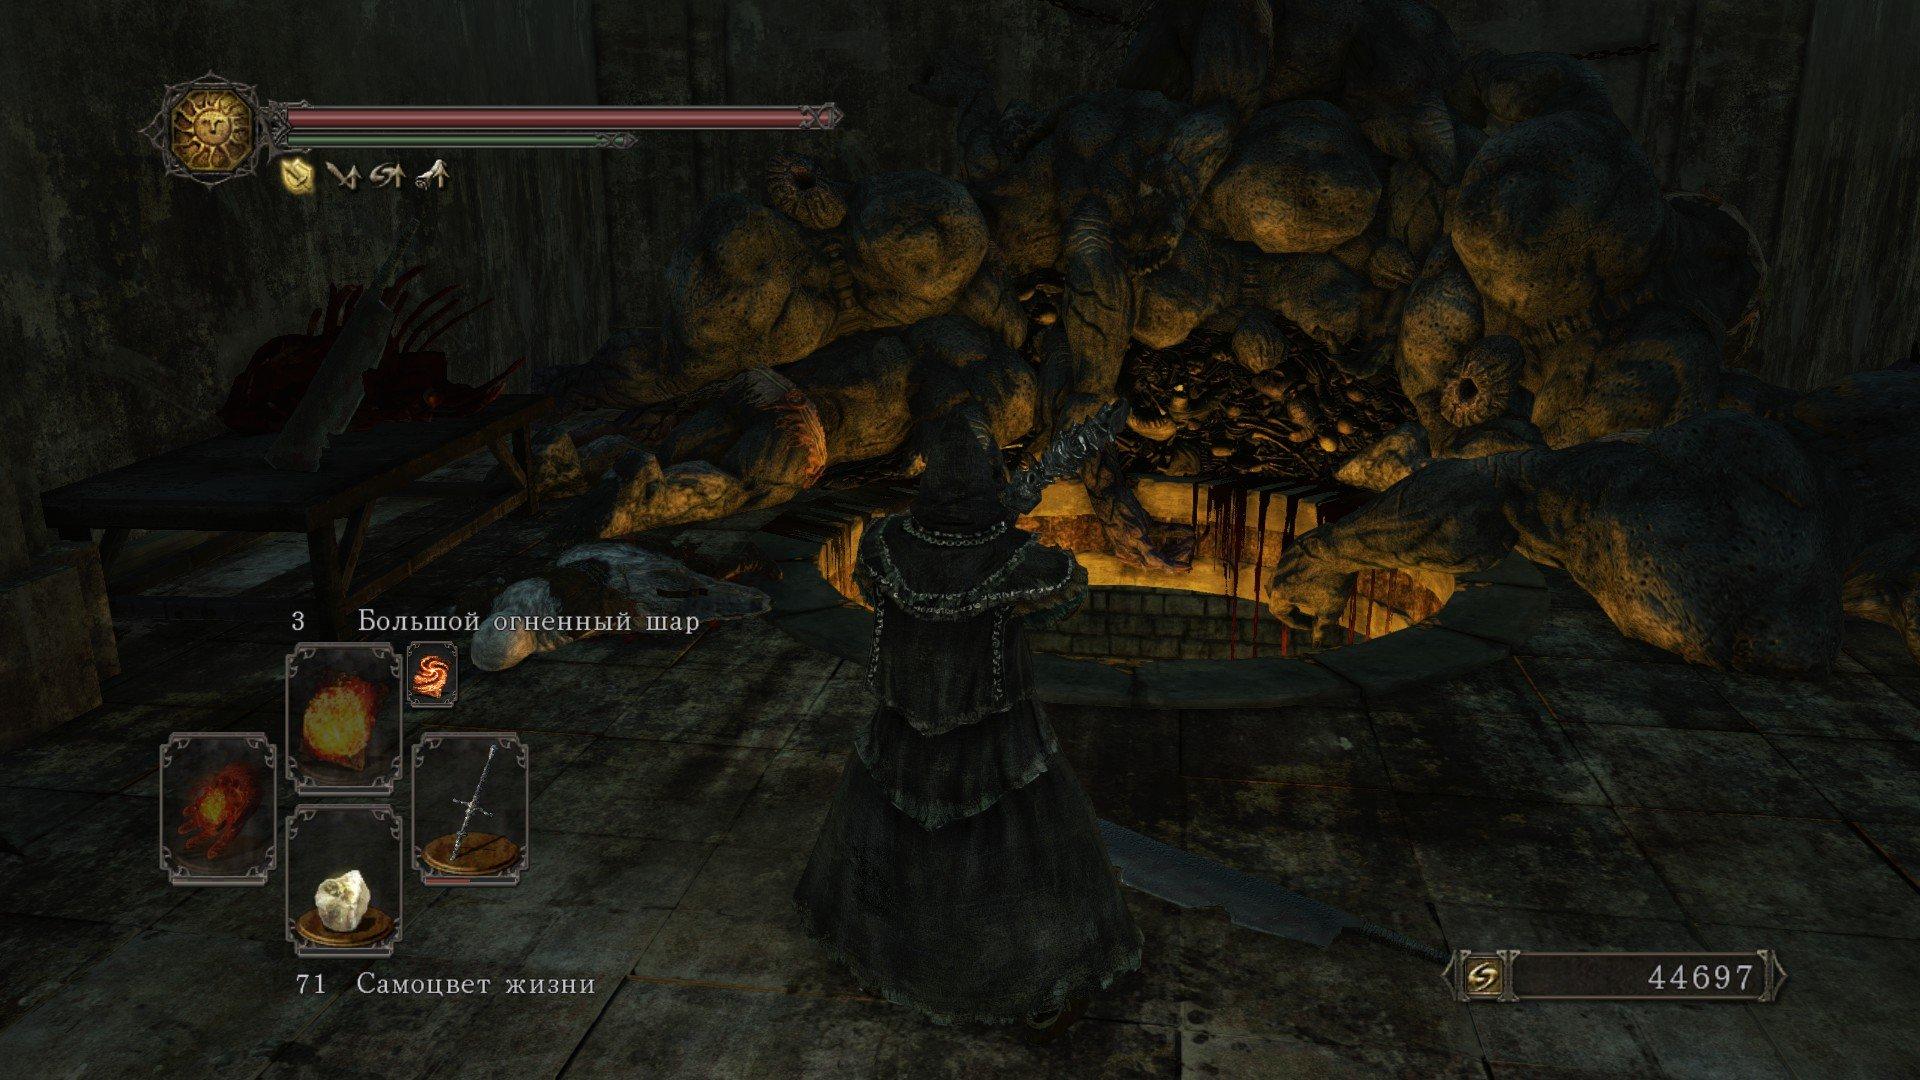 Вопль-прохождение Dark Souls 2 ... получилось много скриншотов -_- - Изображение 16